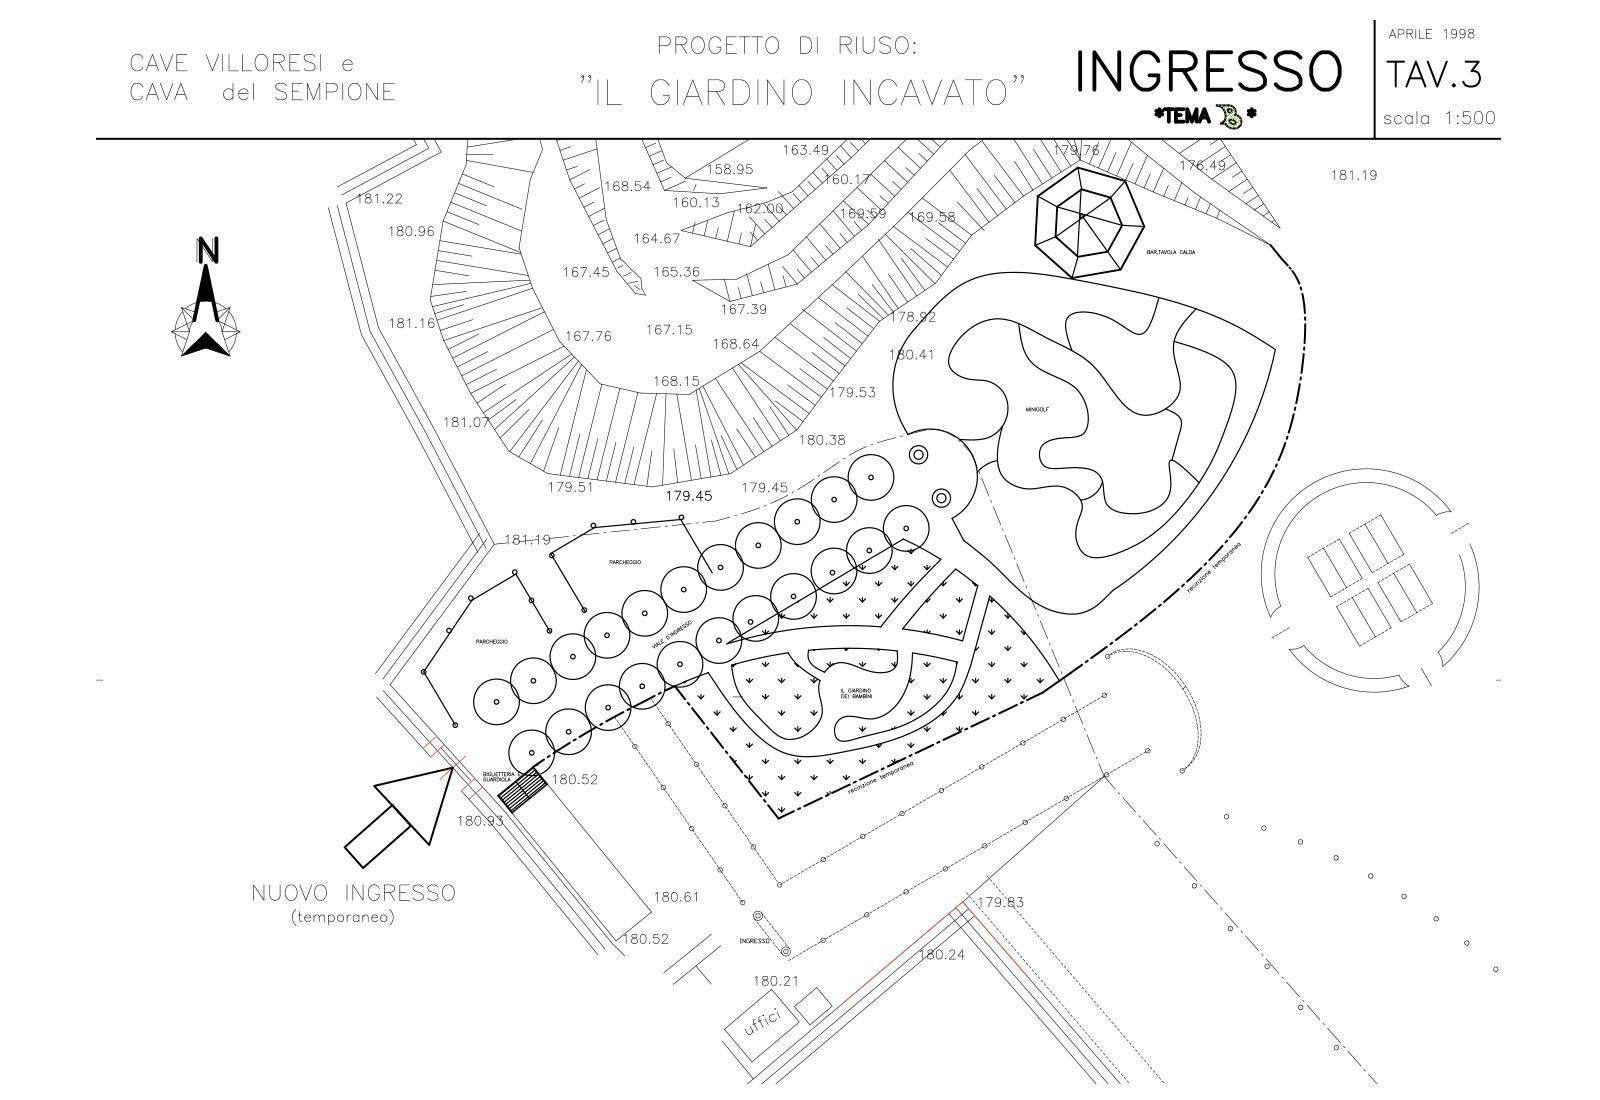 Riuso cave Villoresi e Sempione - Progetto di riuso: Tav.3 Ingresso